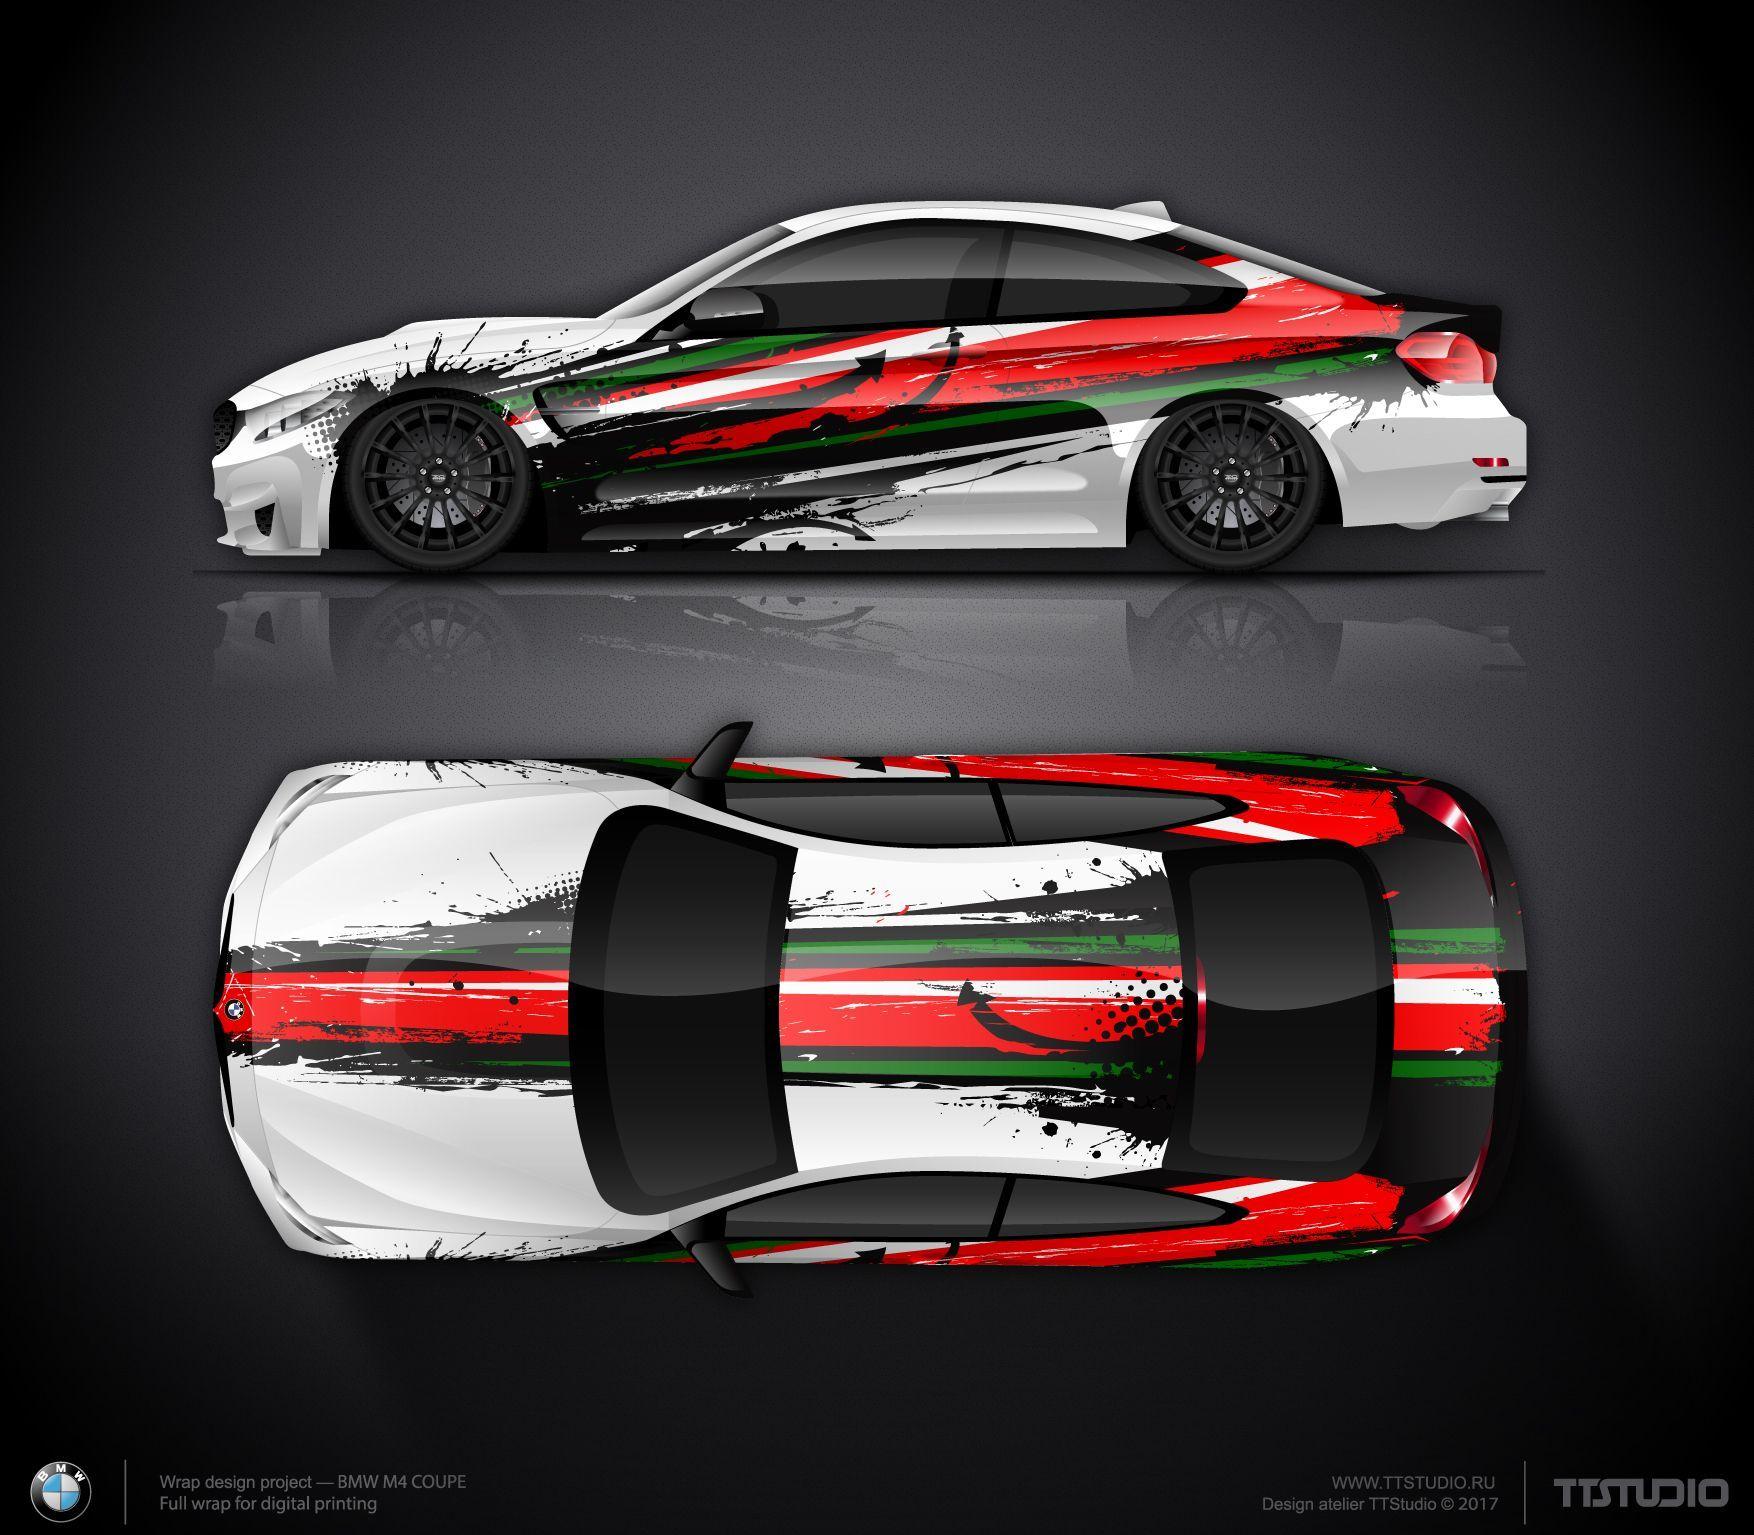 Gambar Terkait Racing Car Design Car Wrap Design Car Wrap